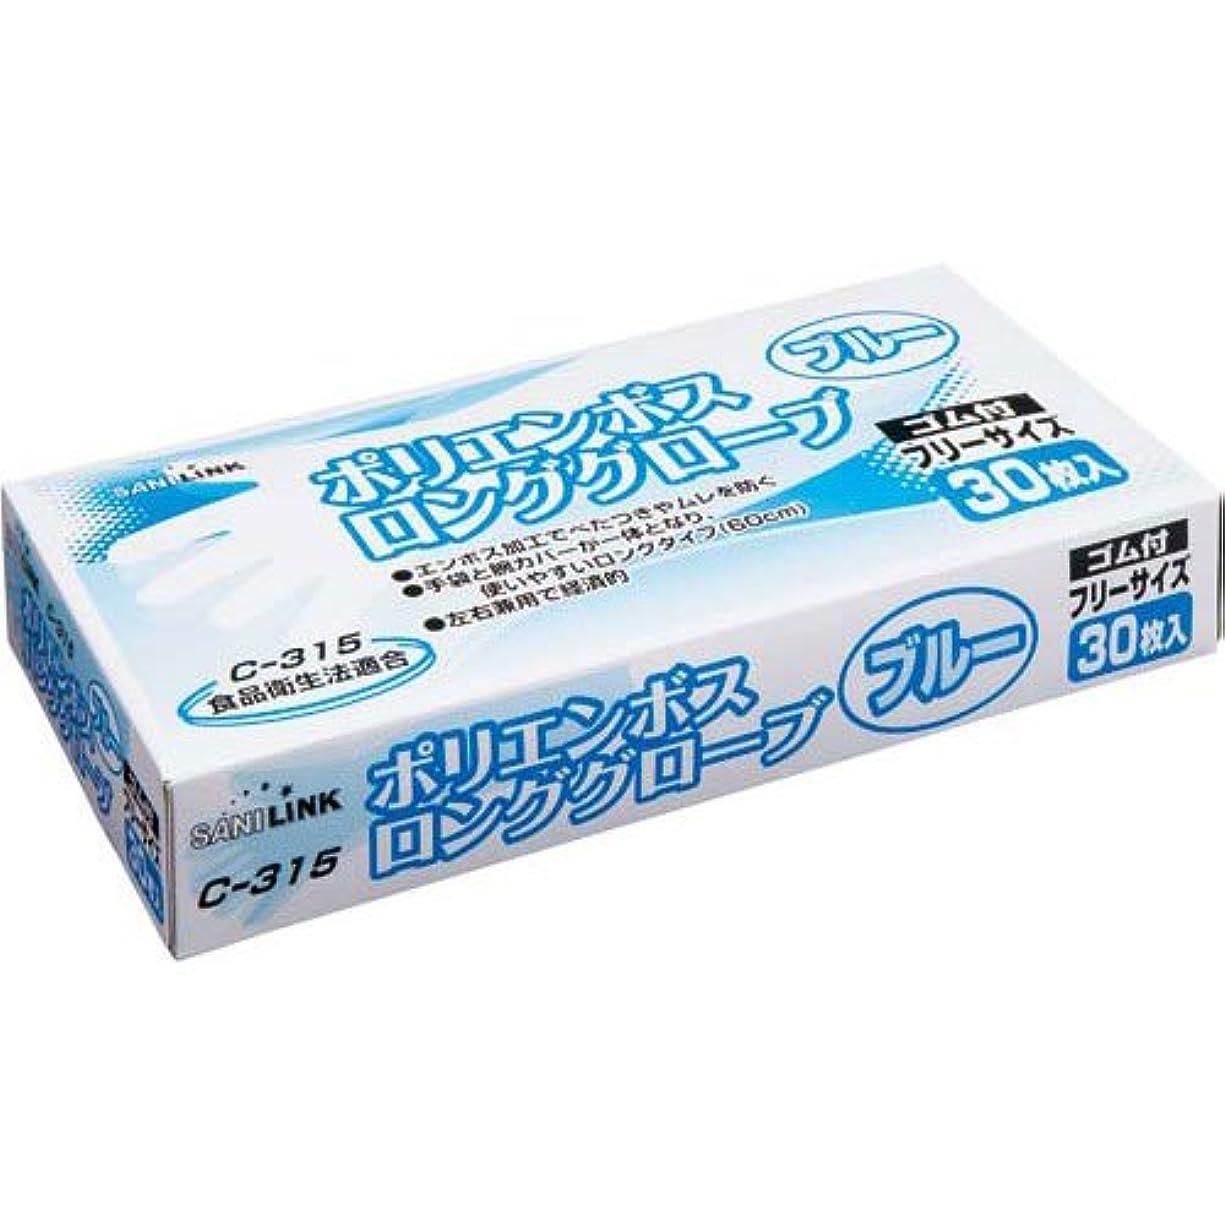 メッセンジャー役職シーケンスフジリンクス ポリエチエンボスロング手袋ブルー30枚入×10箱